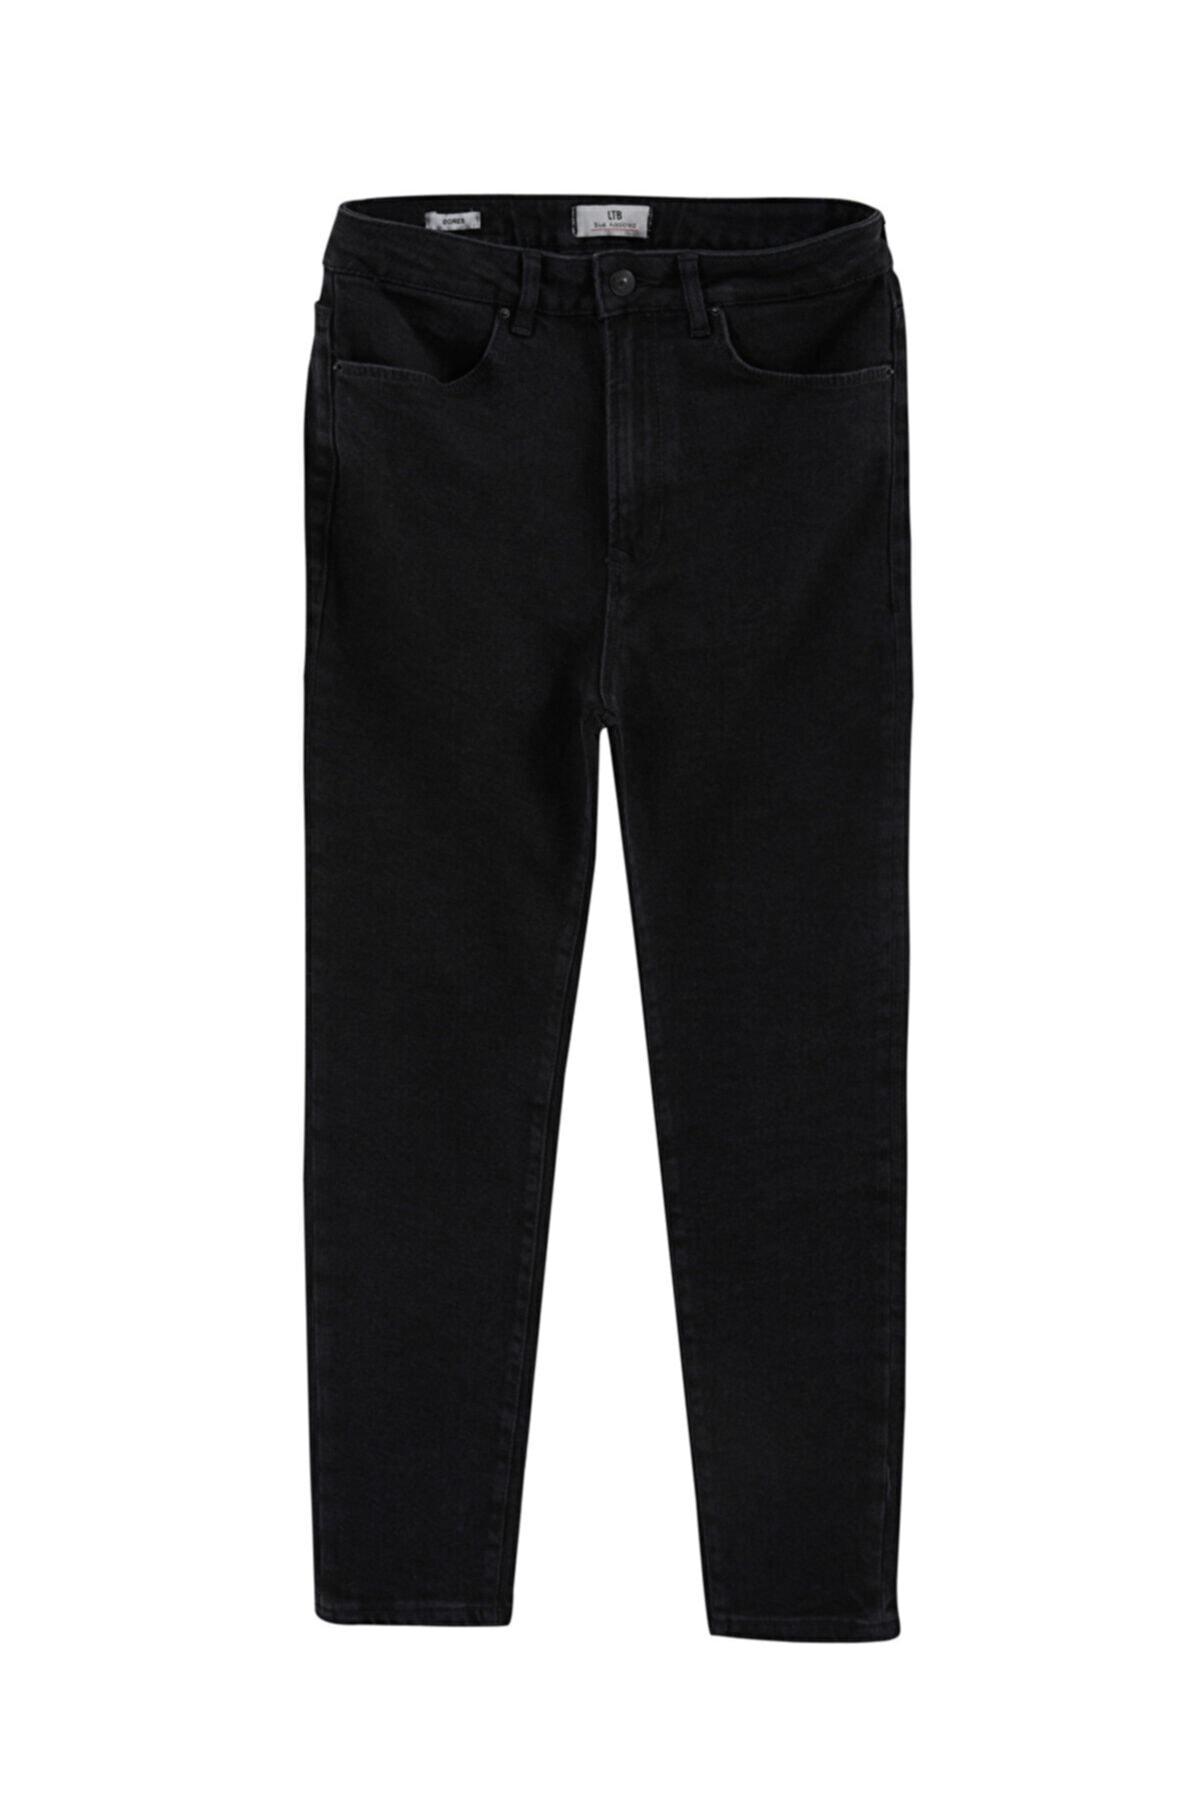 Dores Black Wash Pantolon